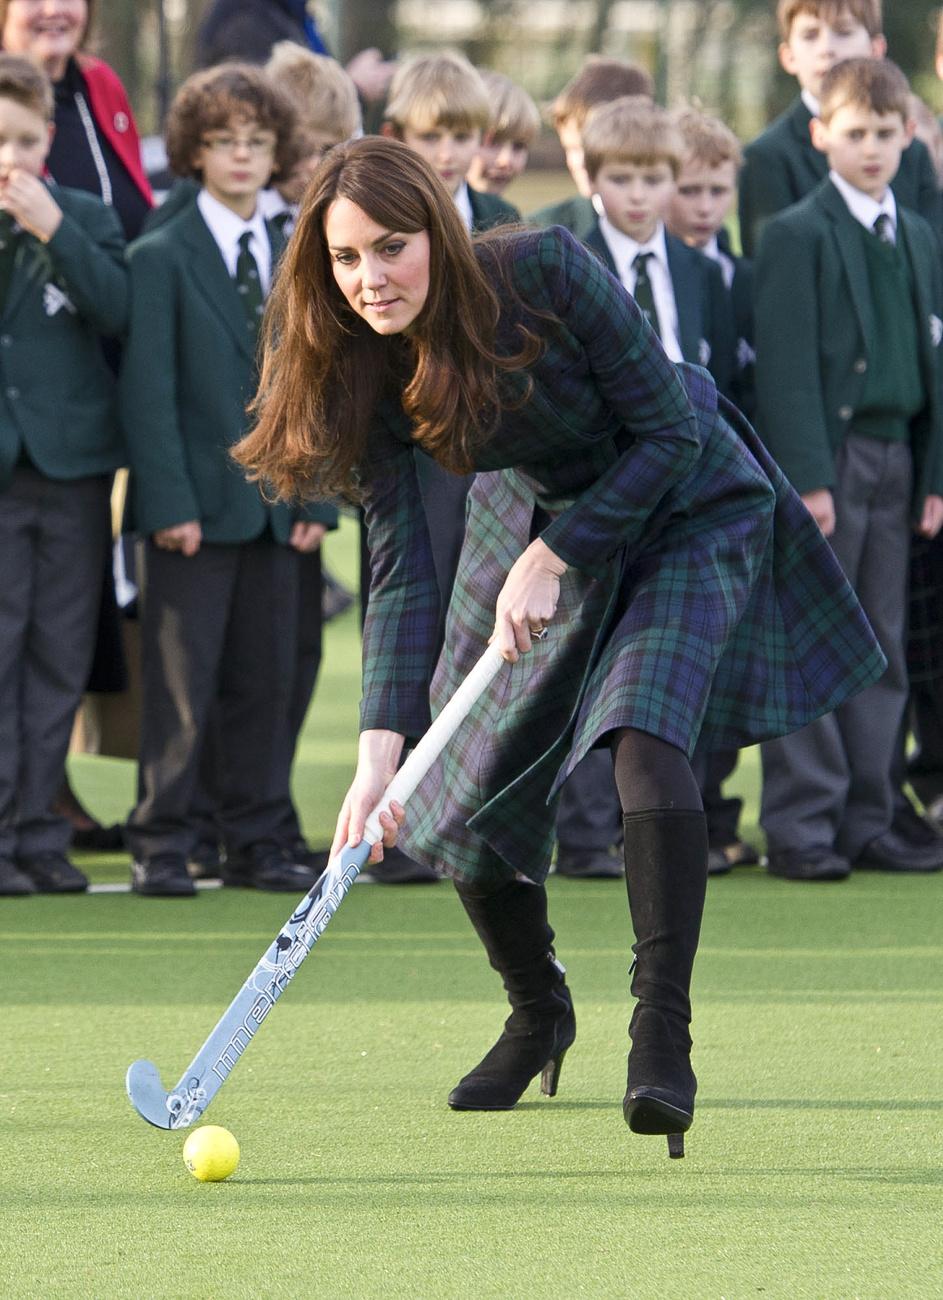 A hercegné 2013 márciusában szintén egy iskolát látogatott meg, ezúttal egy 1.065 fontos, azaz  kábé 370 ezer forintos Erdem (kanadai cég) ruhában, amihez ezúttal kék tűsarkú cipőt vett. Az iskolát egyébként gyújtogatók támadták meg, másnap pedig már utazott is le mosolyogni és lelket önteni Middleton.